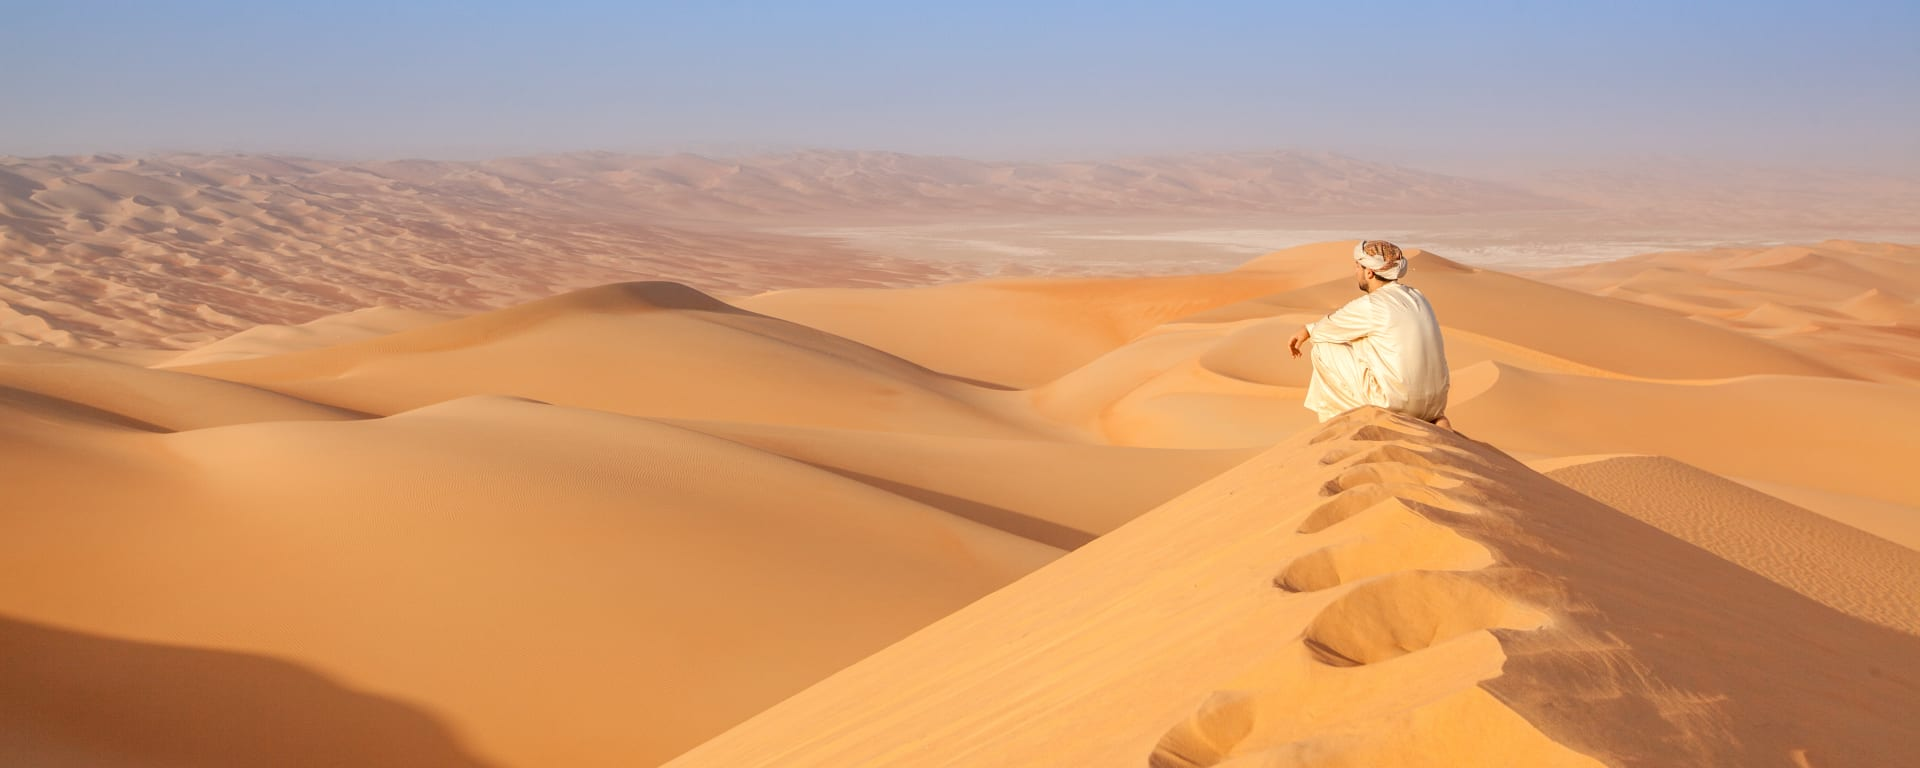 Saudi Arabien entdecken mit Tischler Reisen: Saudi Arabien Wueste Leeres Viertel